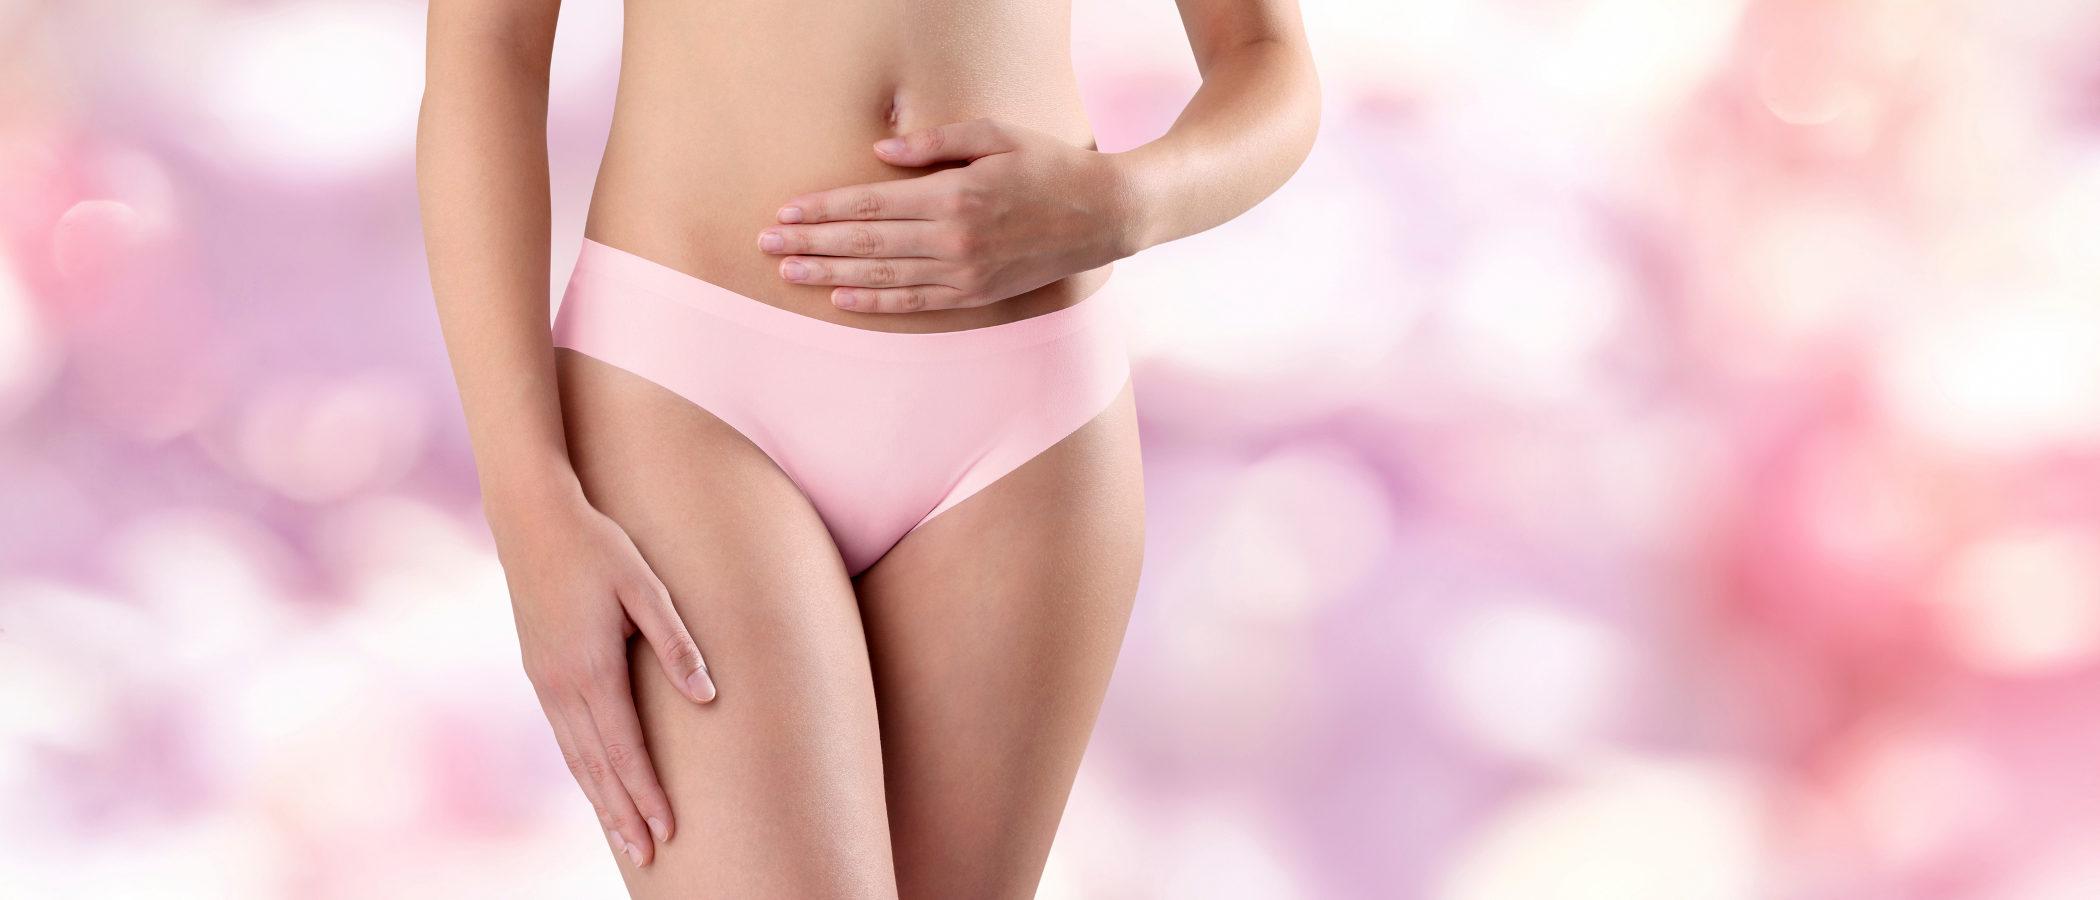 Cómo diferenciar el sangrado de implantación de la menstruación